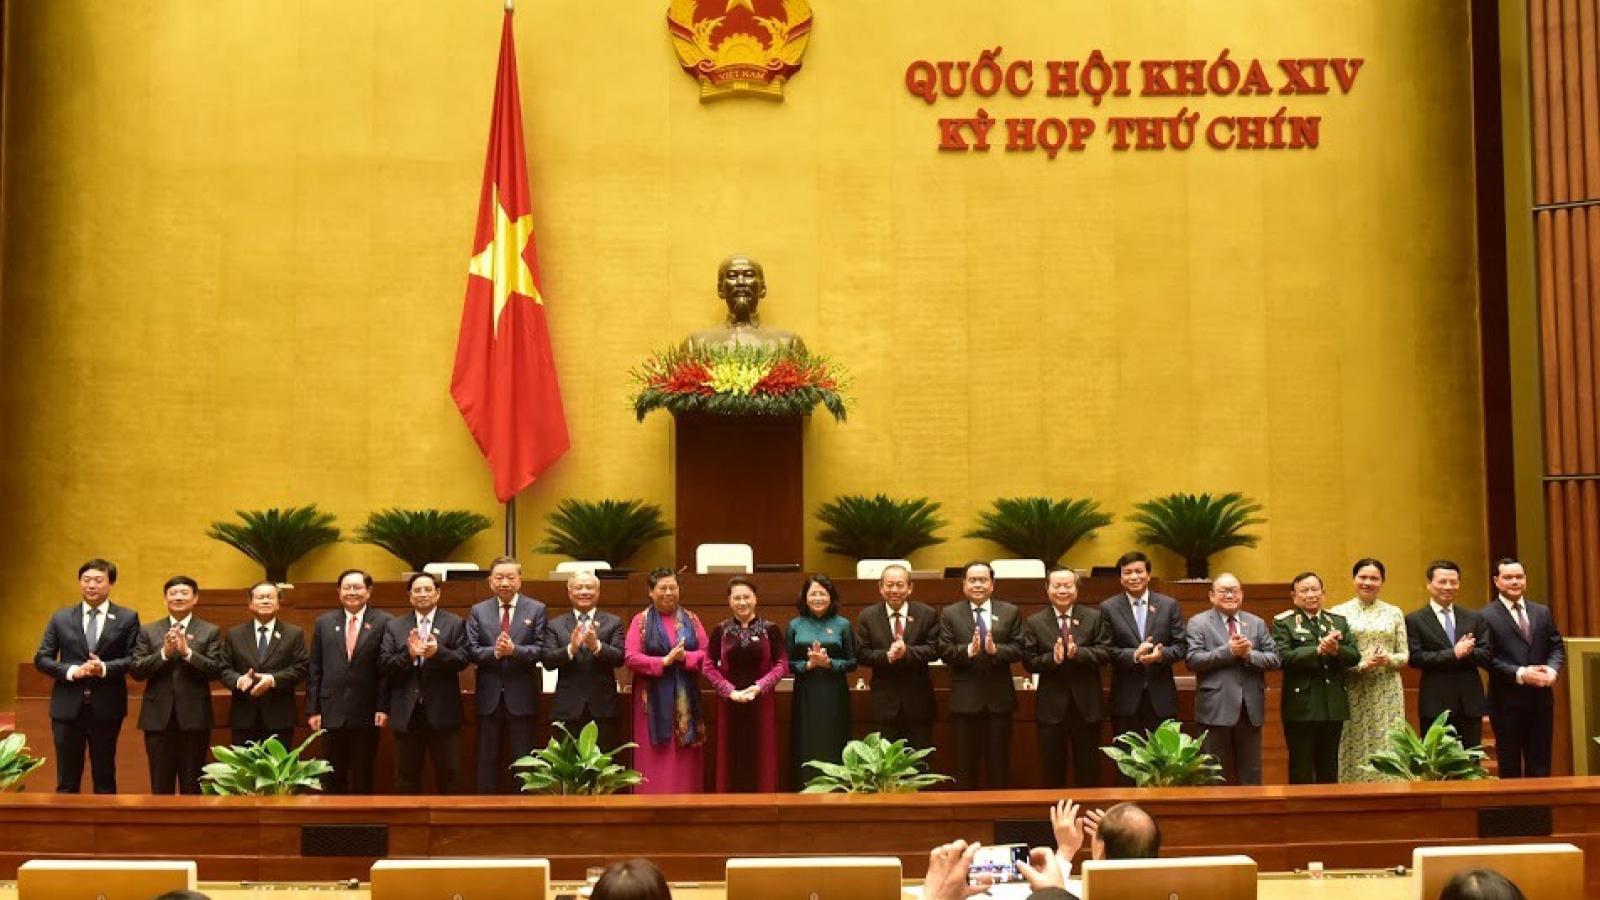 Công bố Nghị quyết thành lập Hội đồng Bầu cử Quốc gia